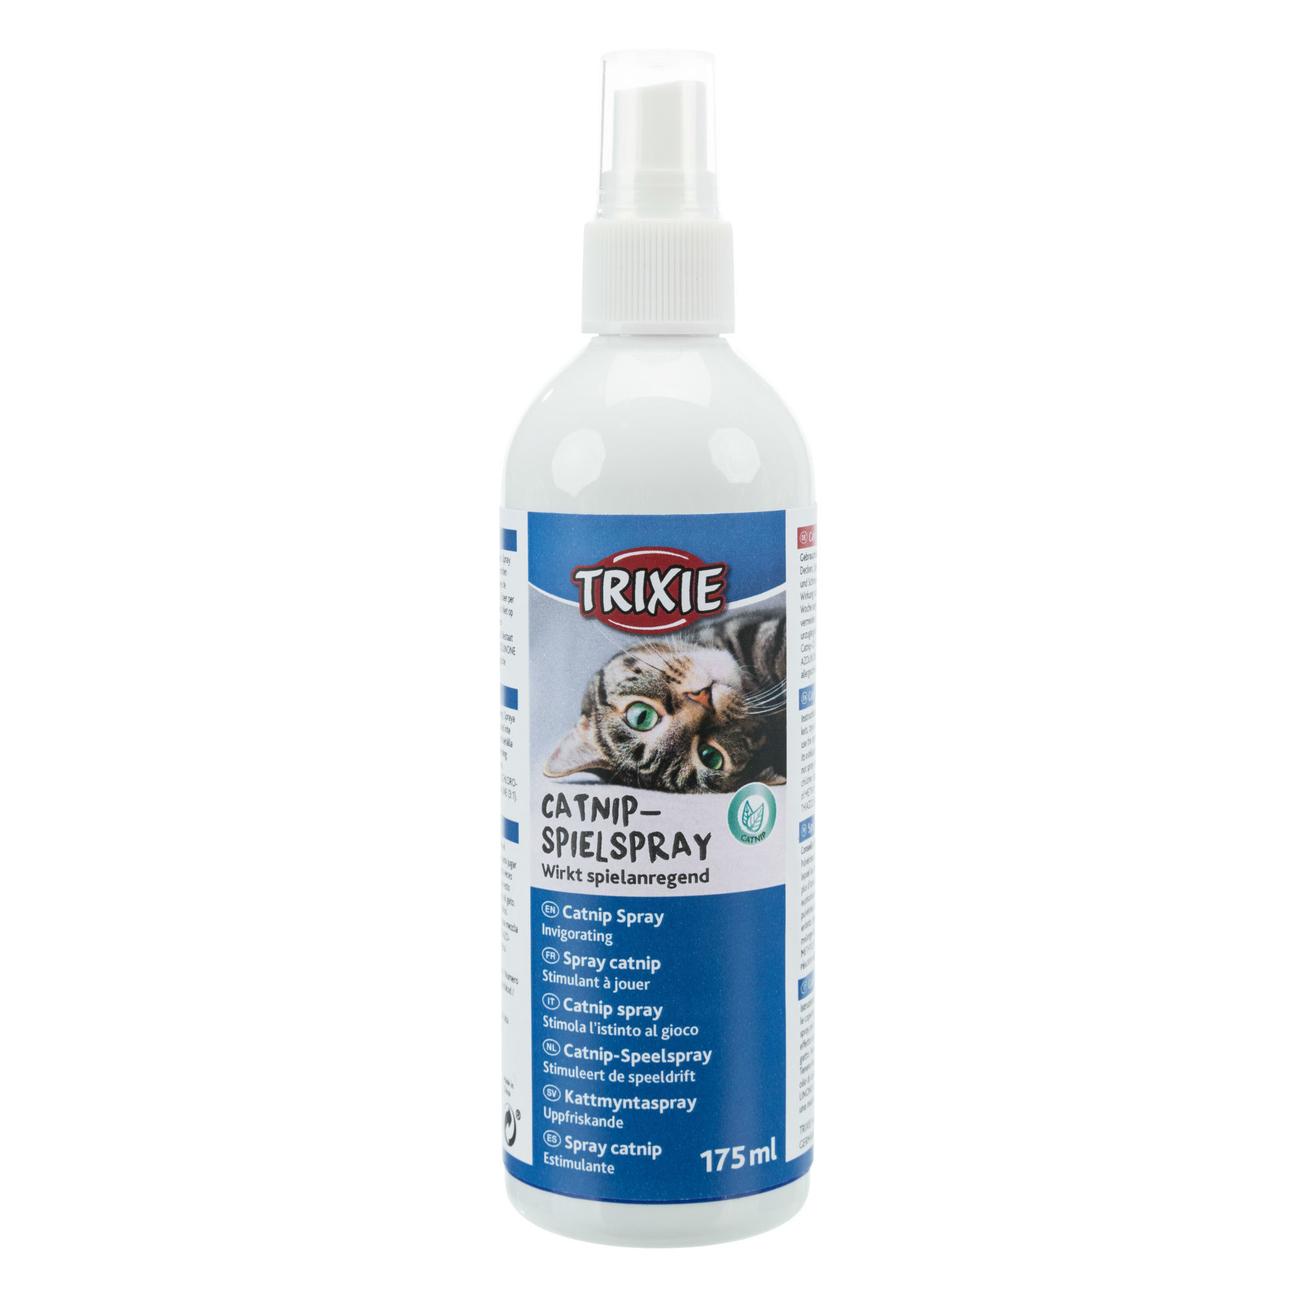 Trixie Catnip Spray für Katzen, 175 ml